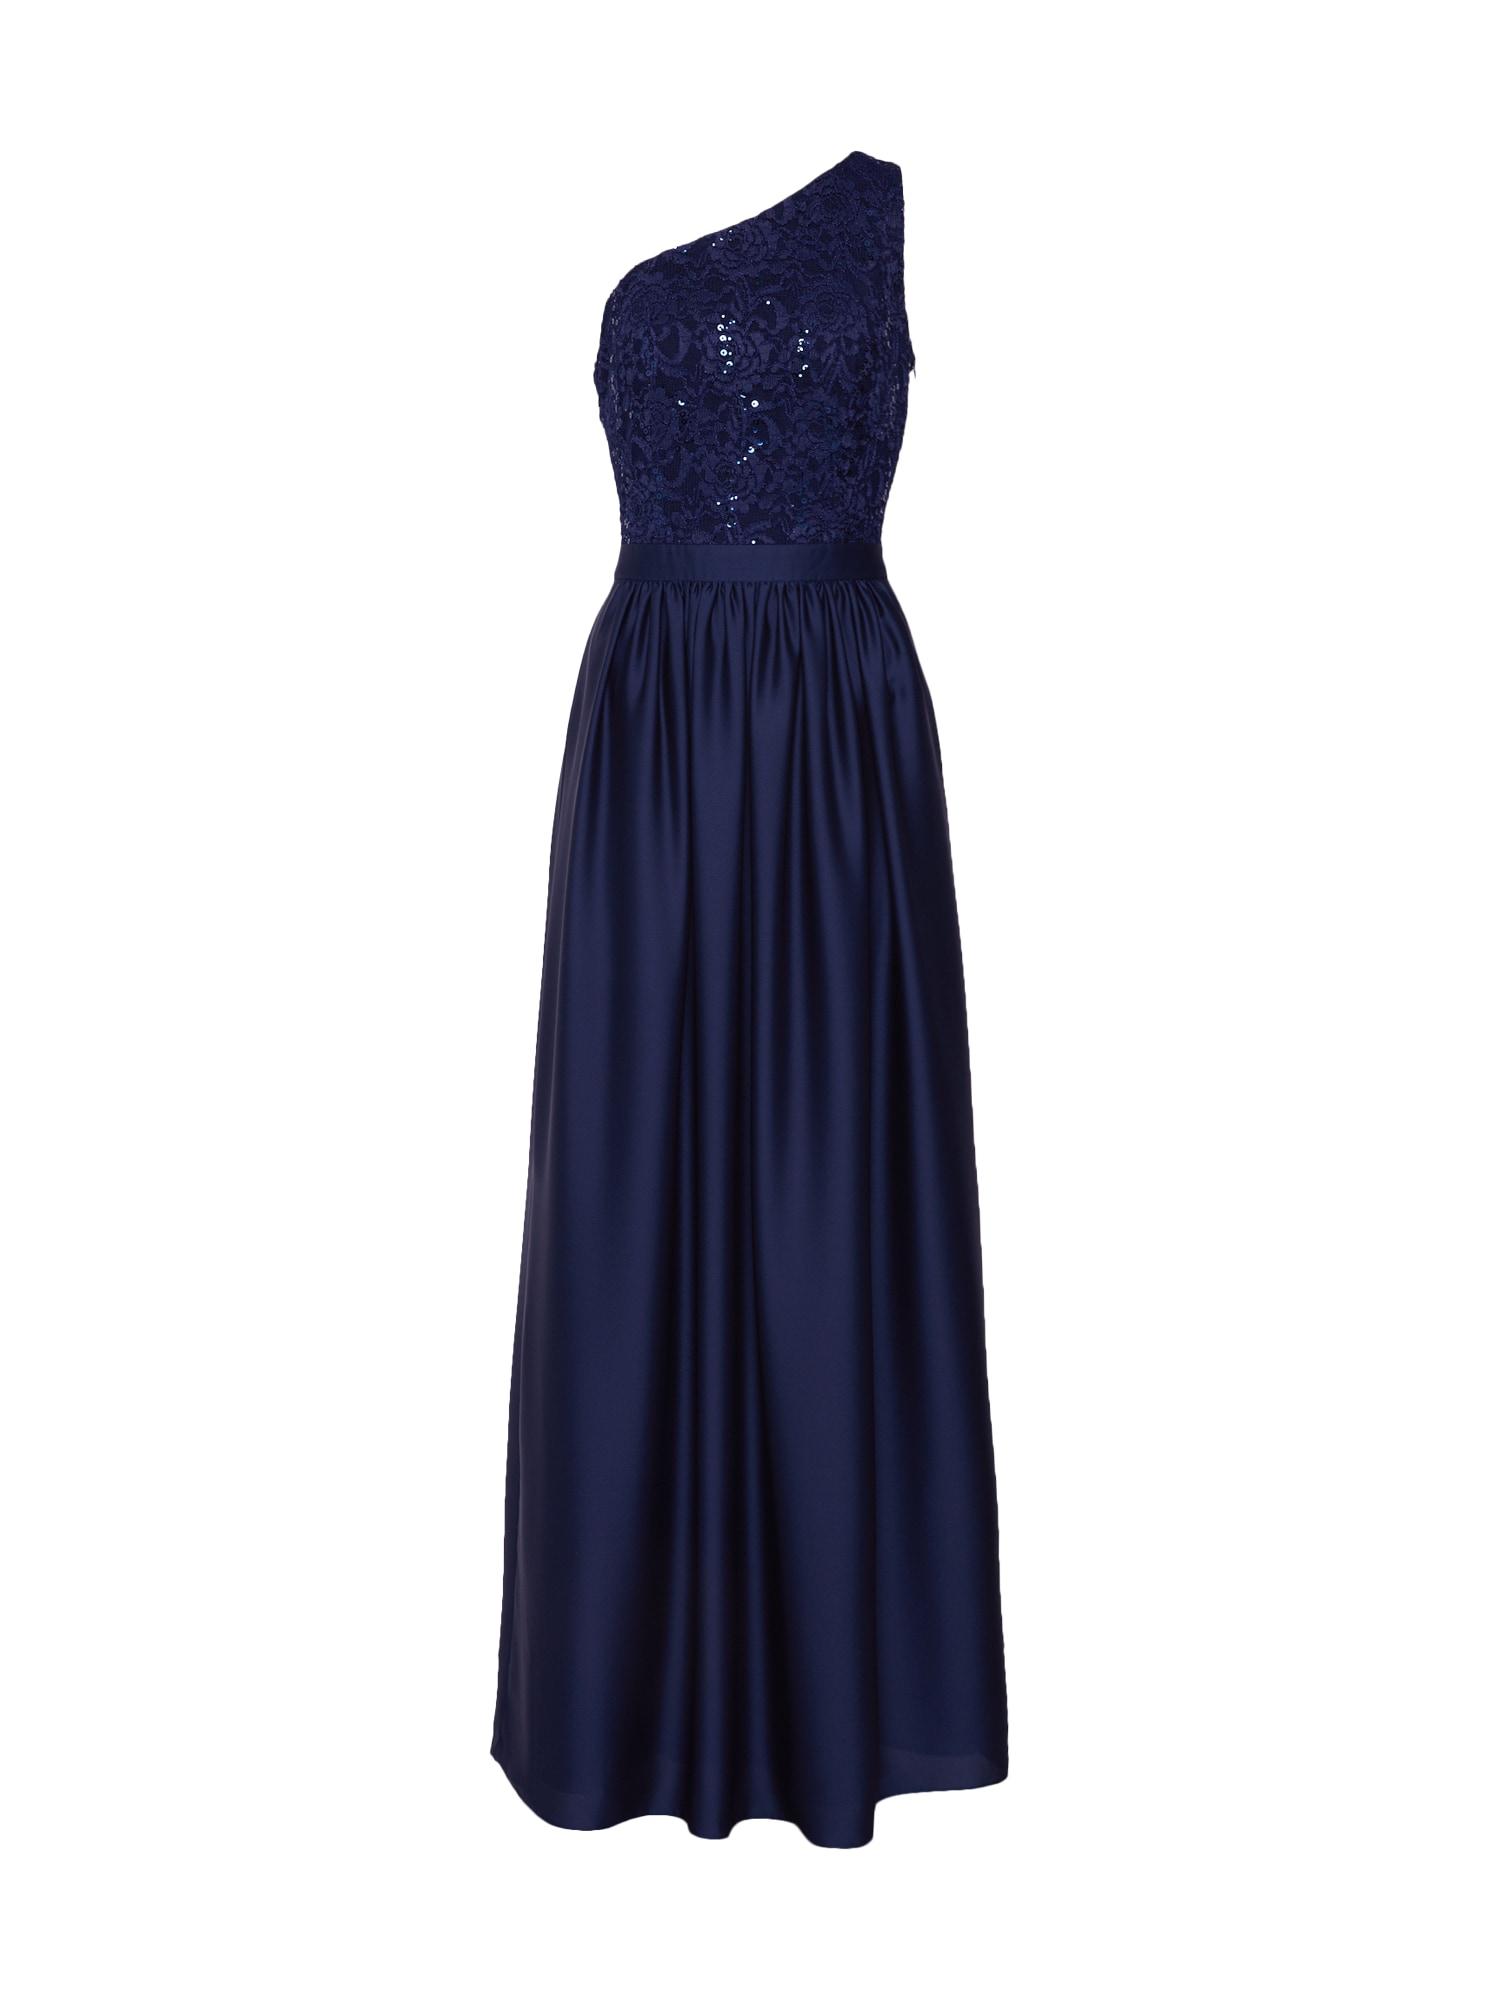 Společenské šaty 00516276 marine modrá SWING